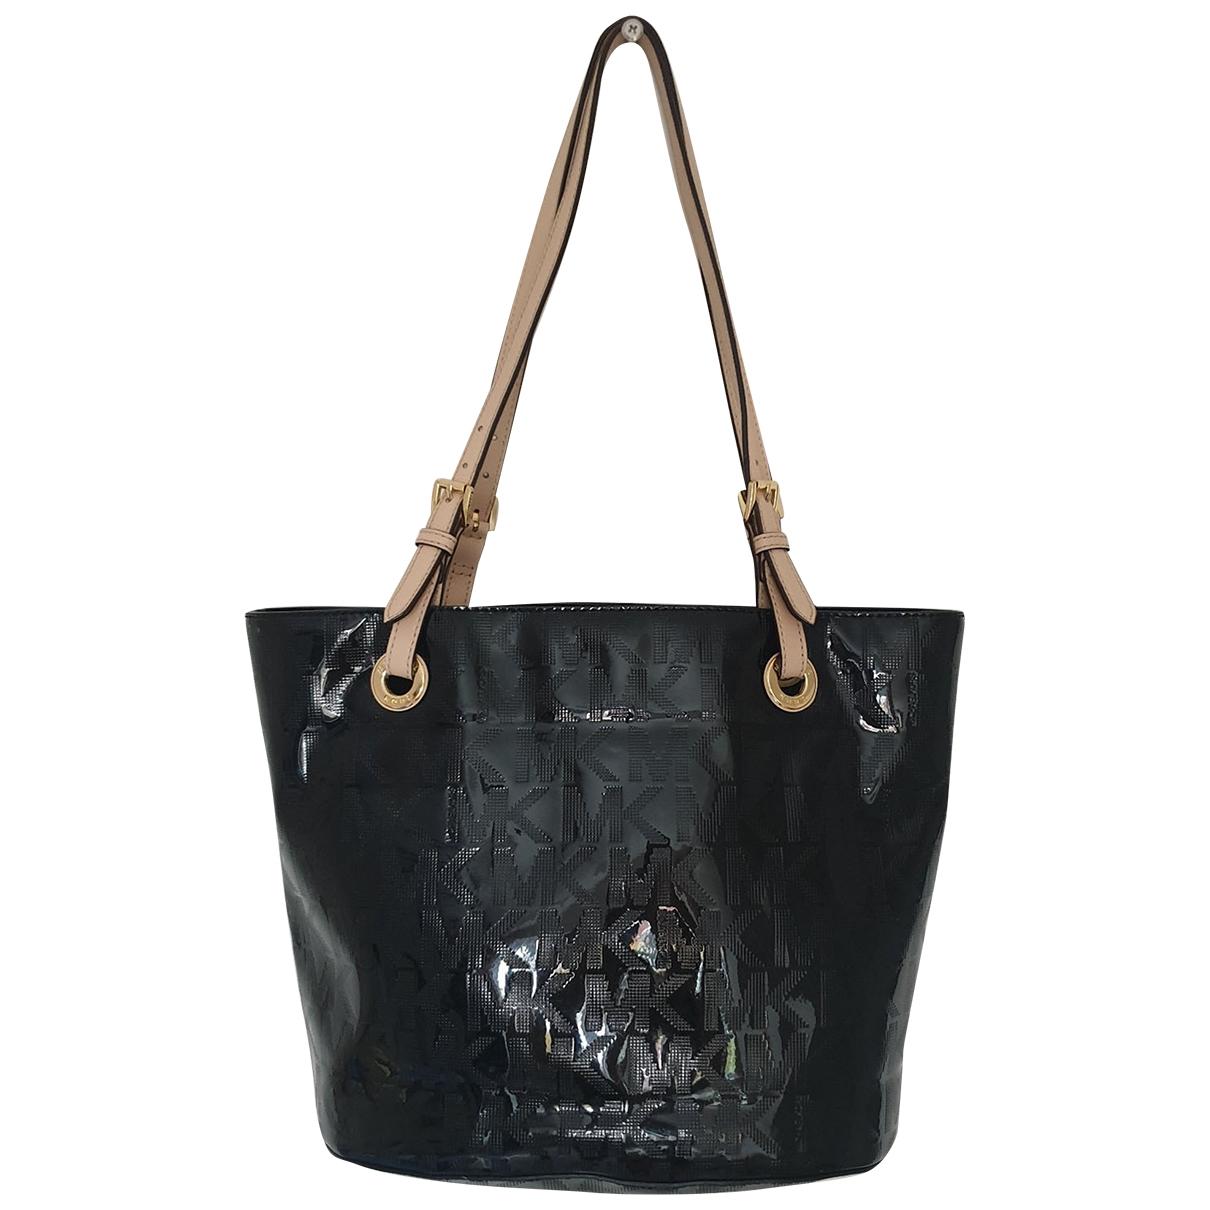 Michael Kors \N Black handbag for Women \N